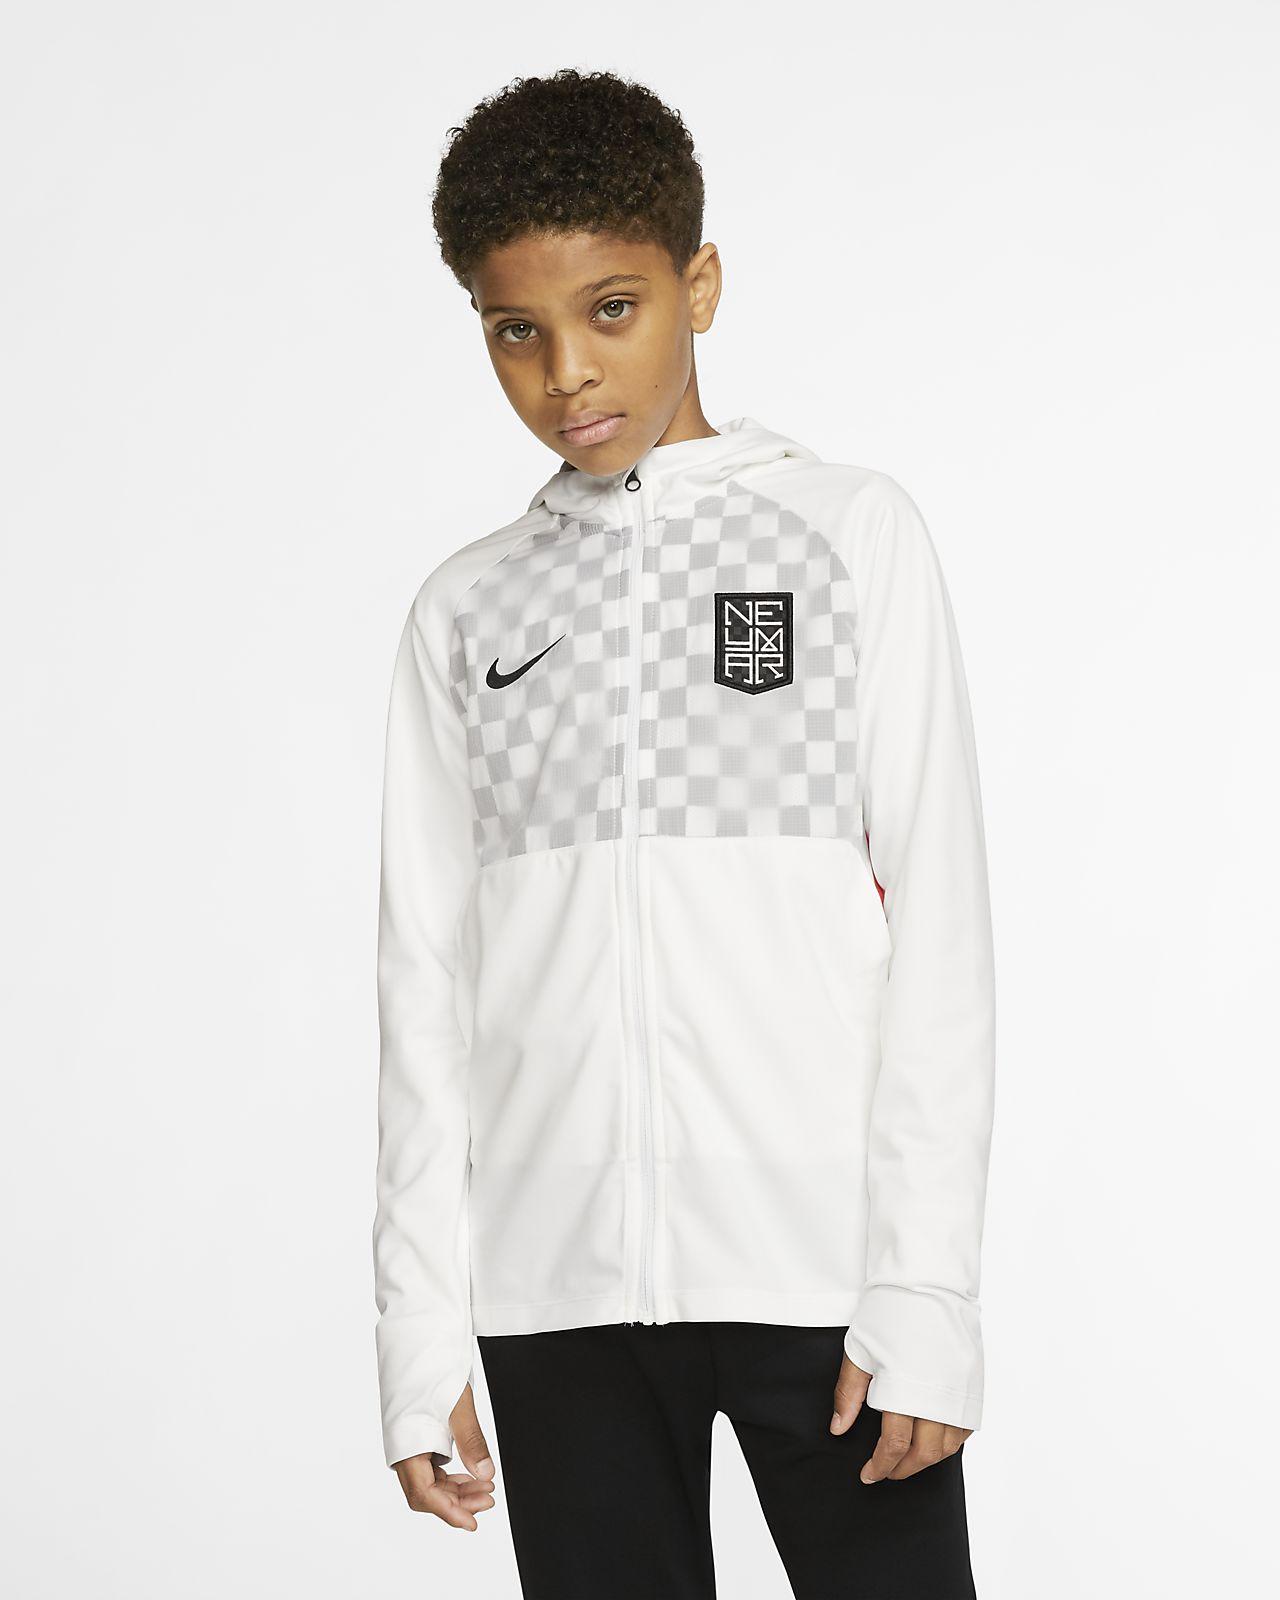 Nike Dri-FIT Neymar Jr. Jaqueta de futbol - Nen/a